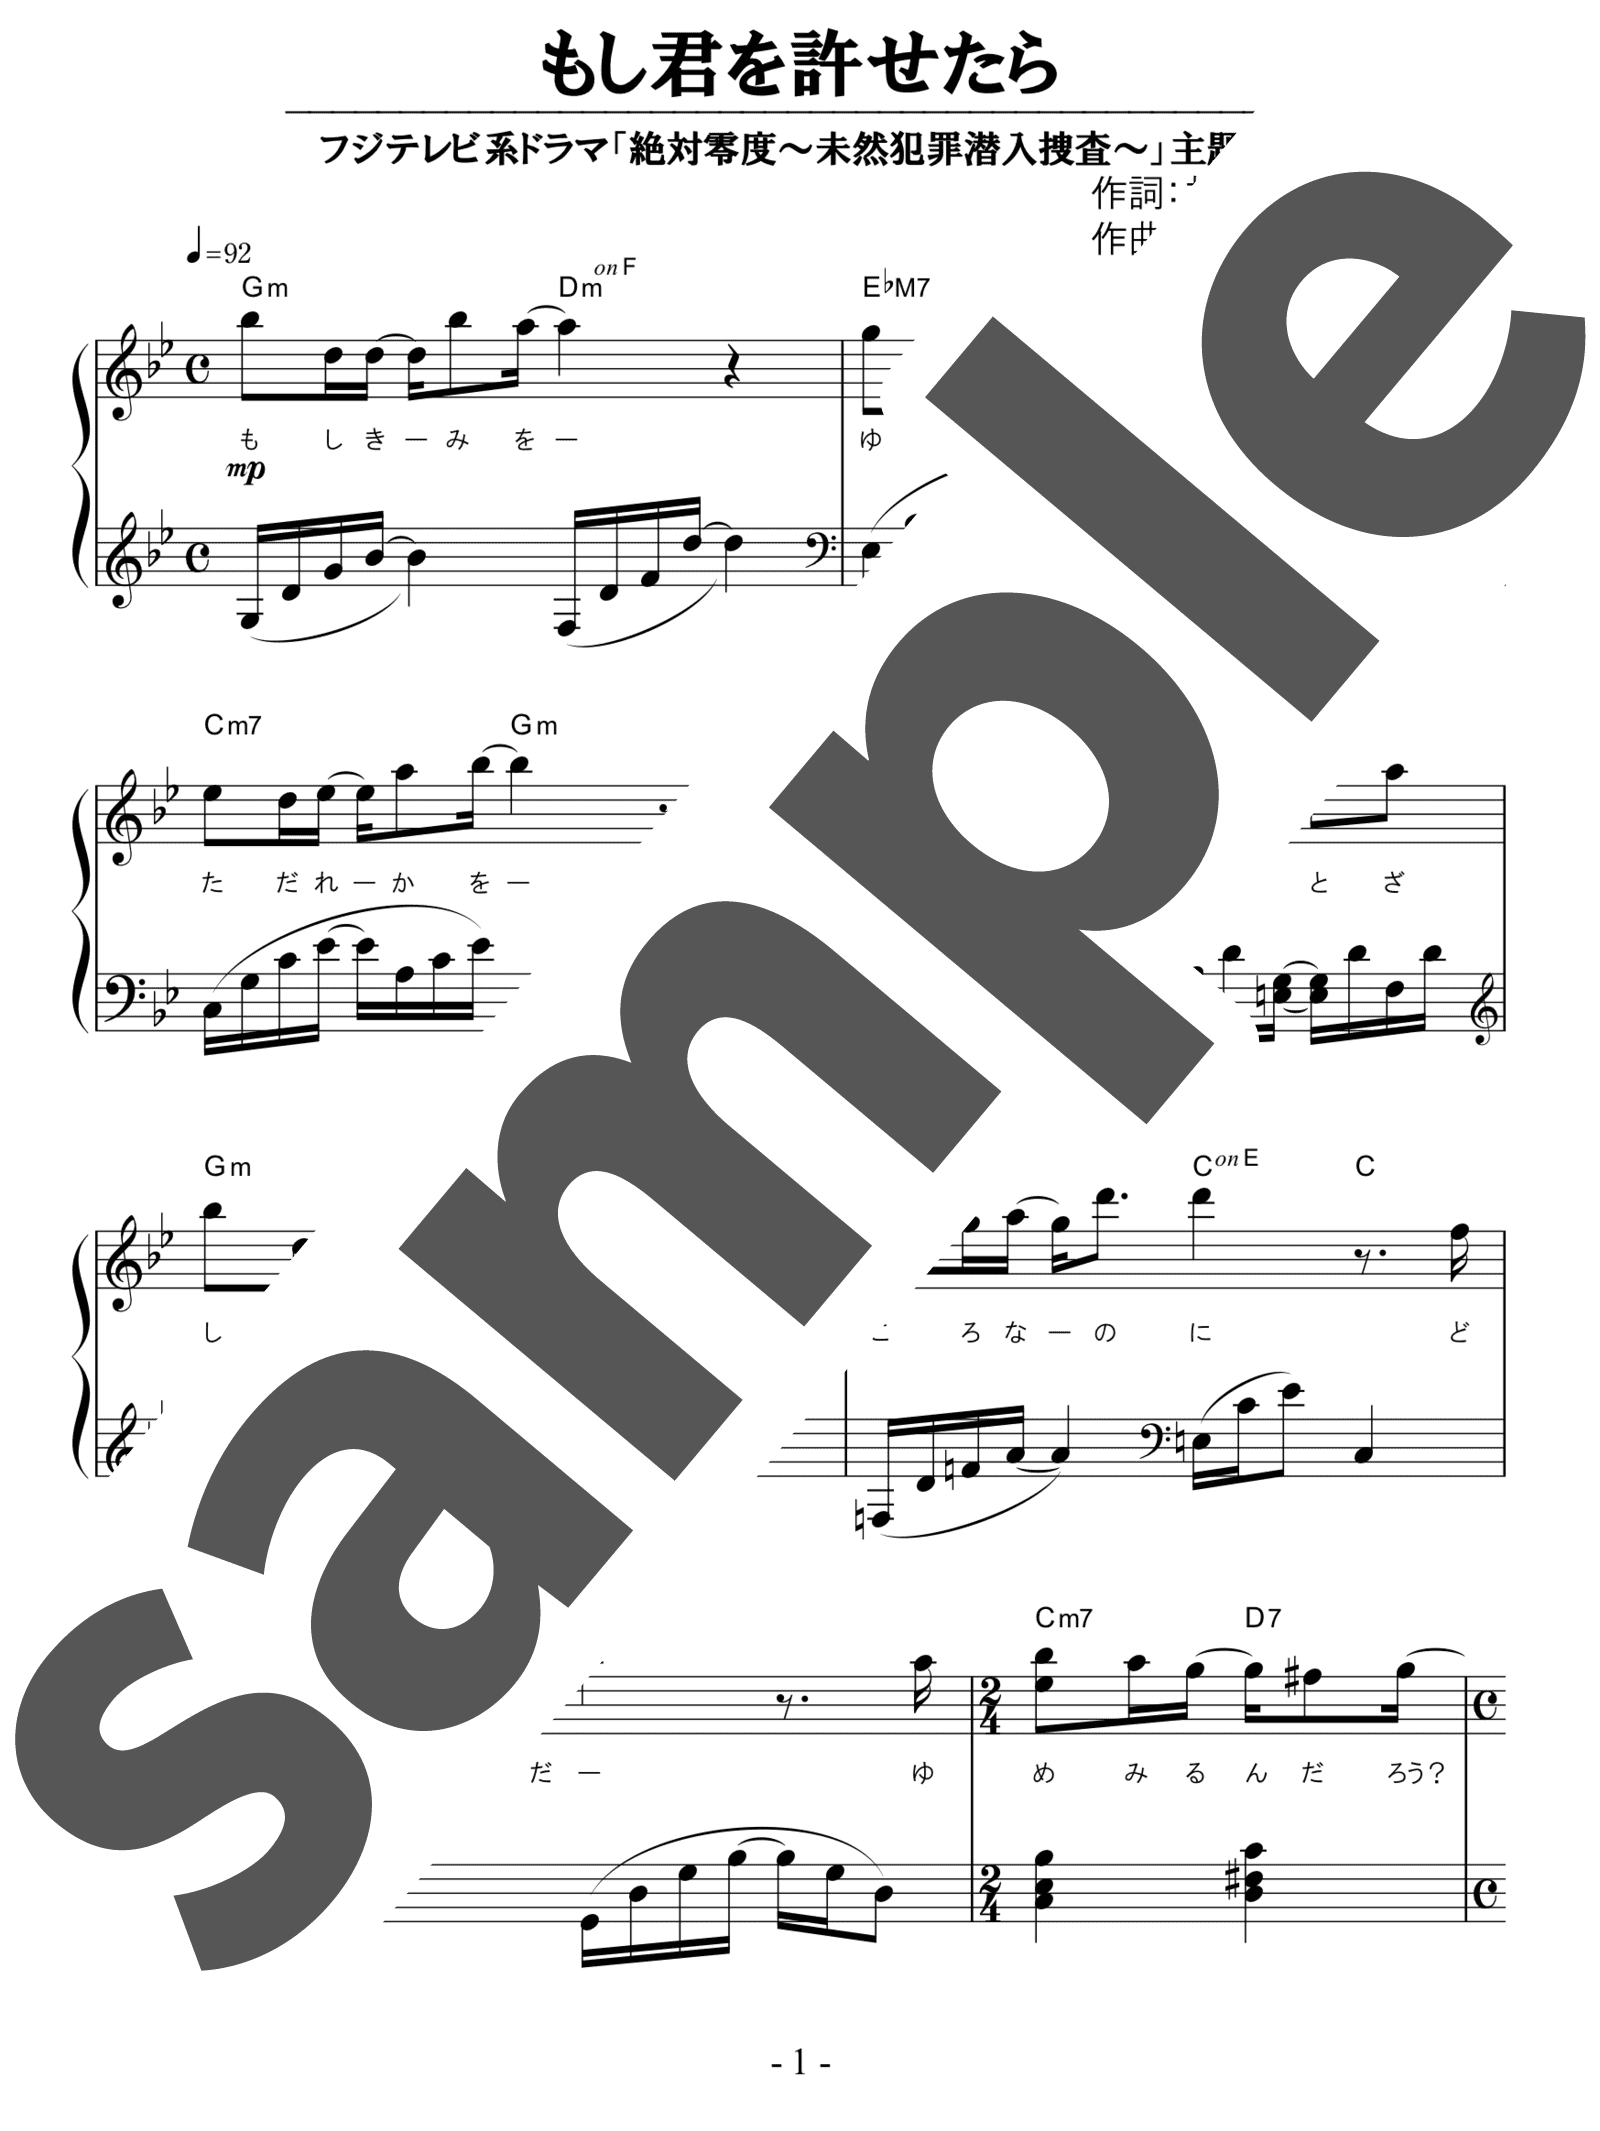 「もし君を許せたら」のサンプル楽譜